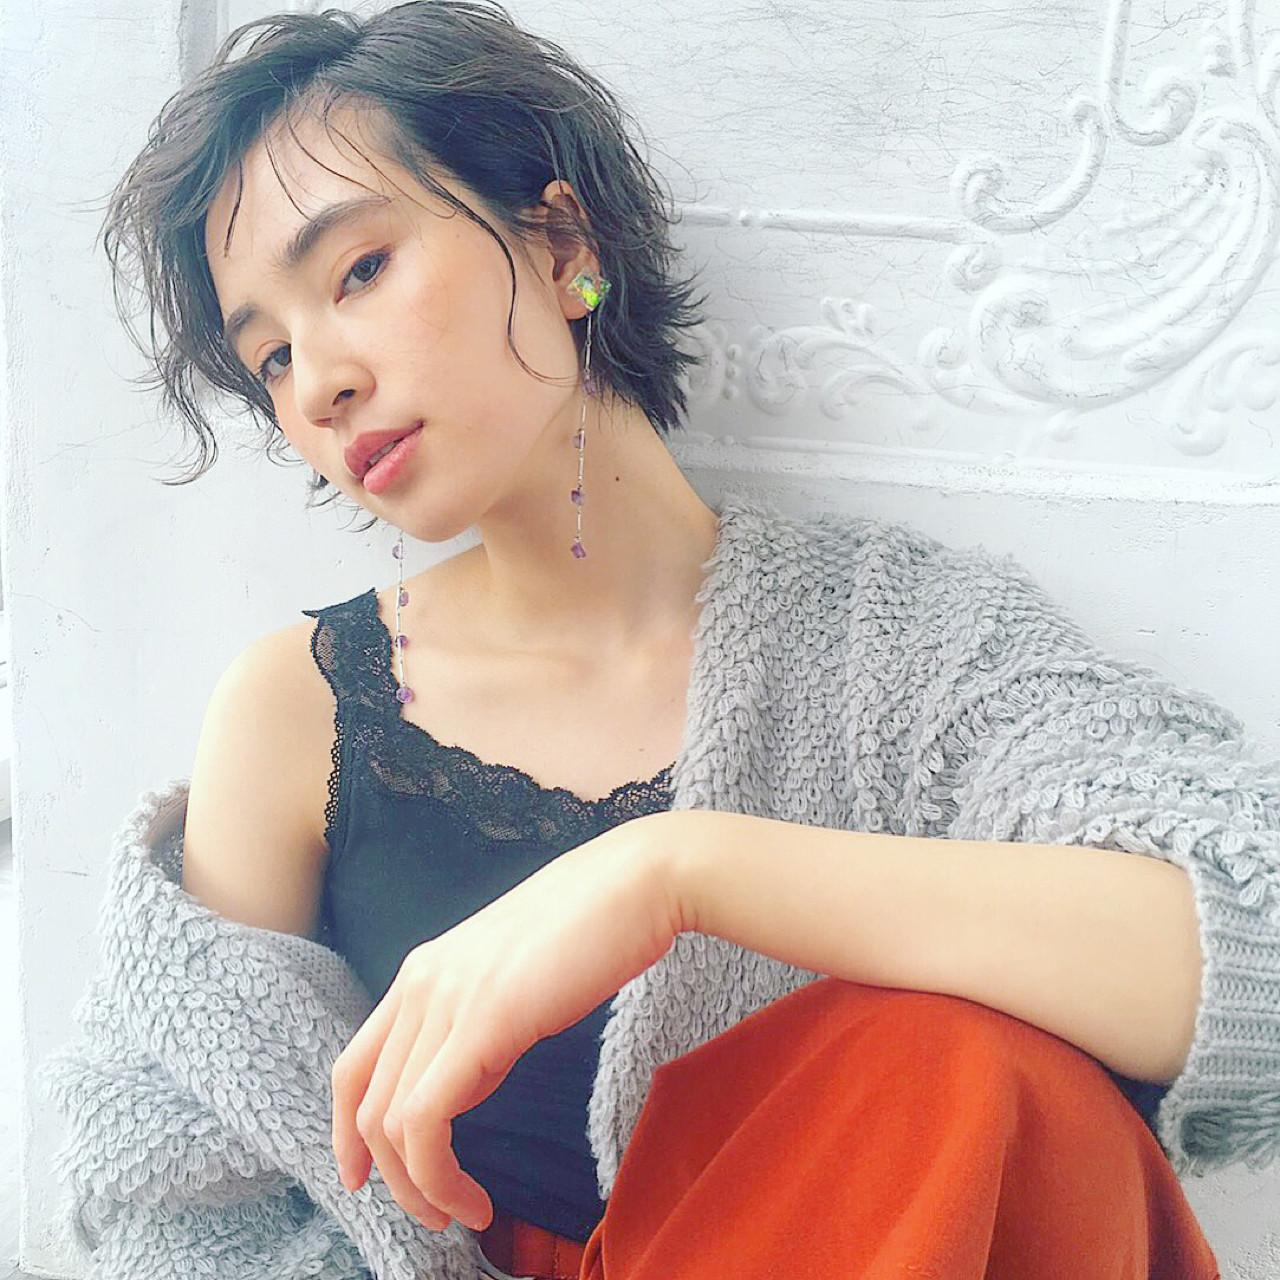 ウェットヘア 冬 ヘアアレンジ パーマ ヘアスタイルや髪型の写真・画像